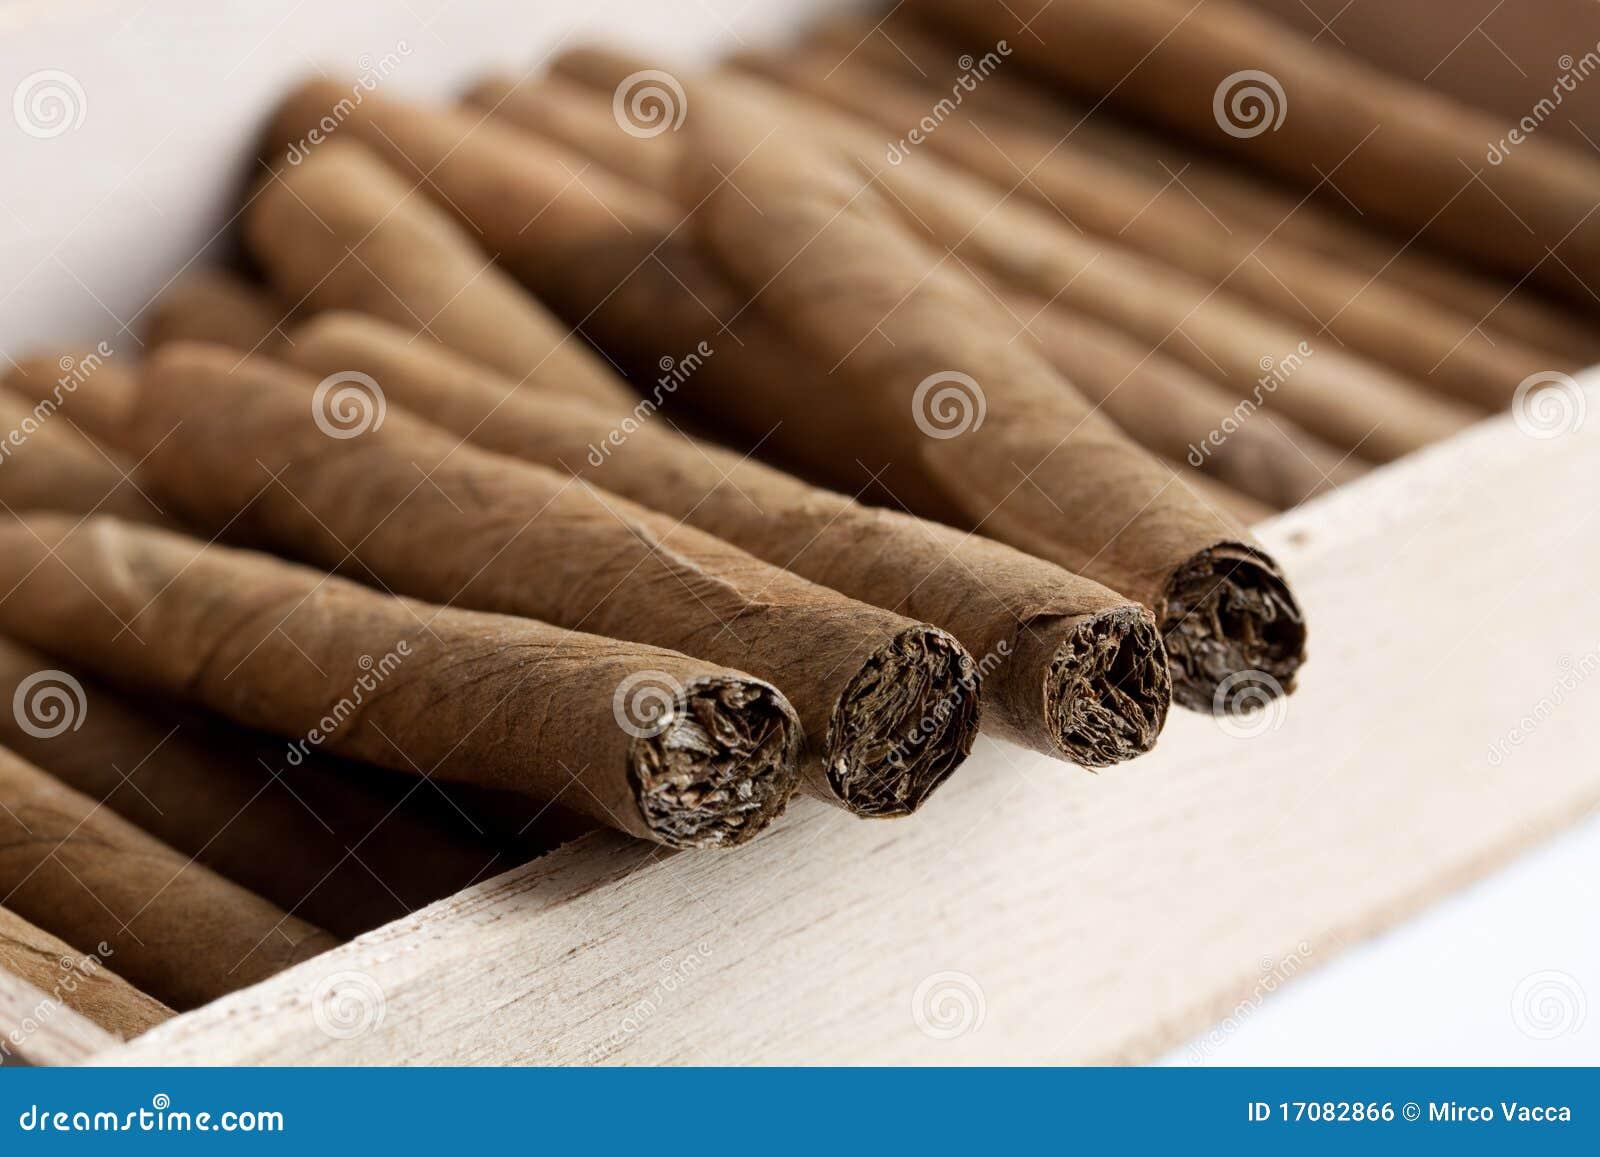 Zigarren in einem Kasten